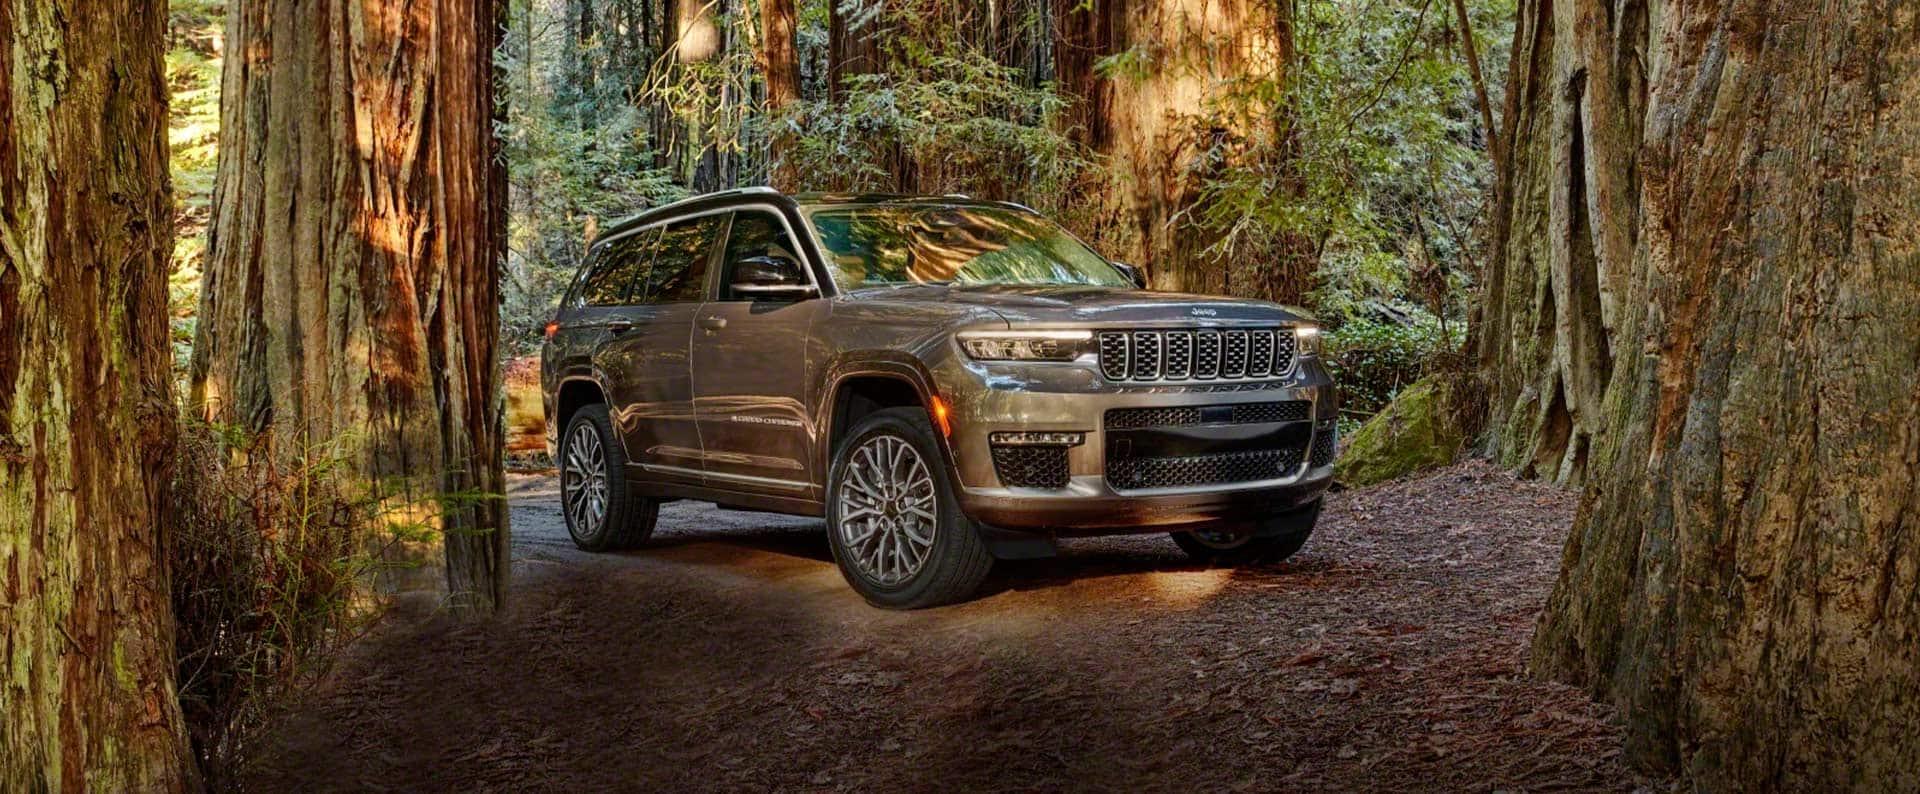 ElJeep Grand Cherokee L Summit Reserve2021 estacionado en un camino de tierra en un claro de bosque.